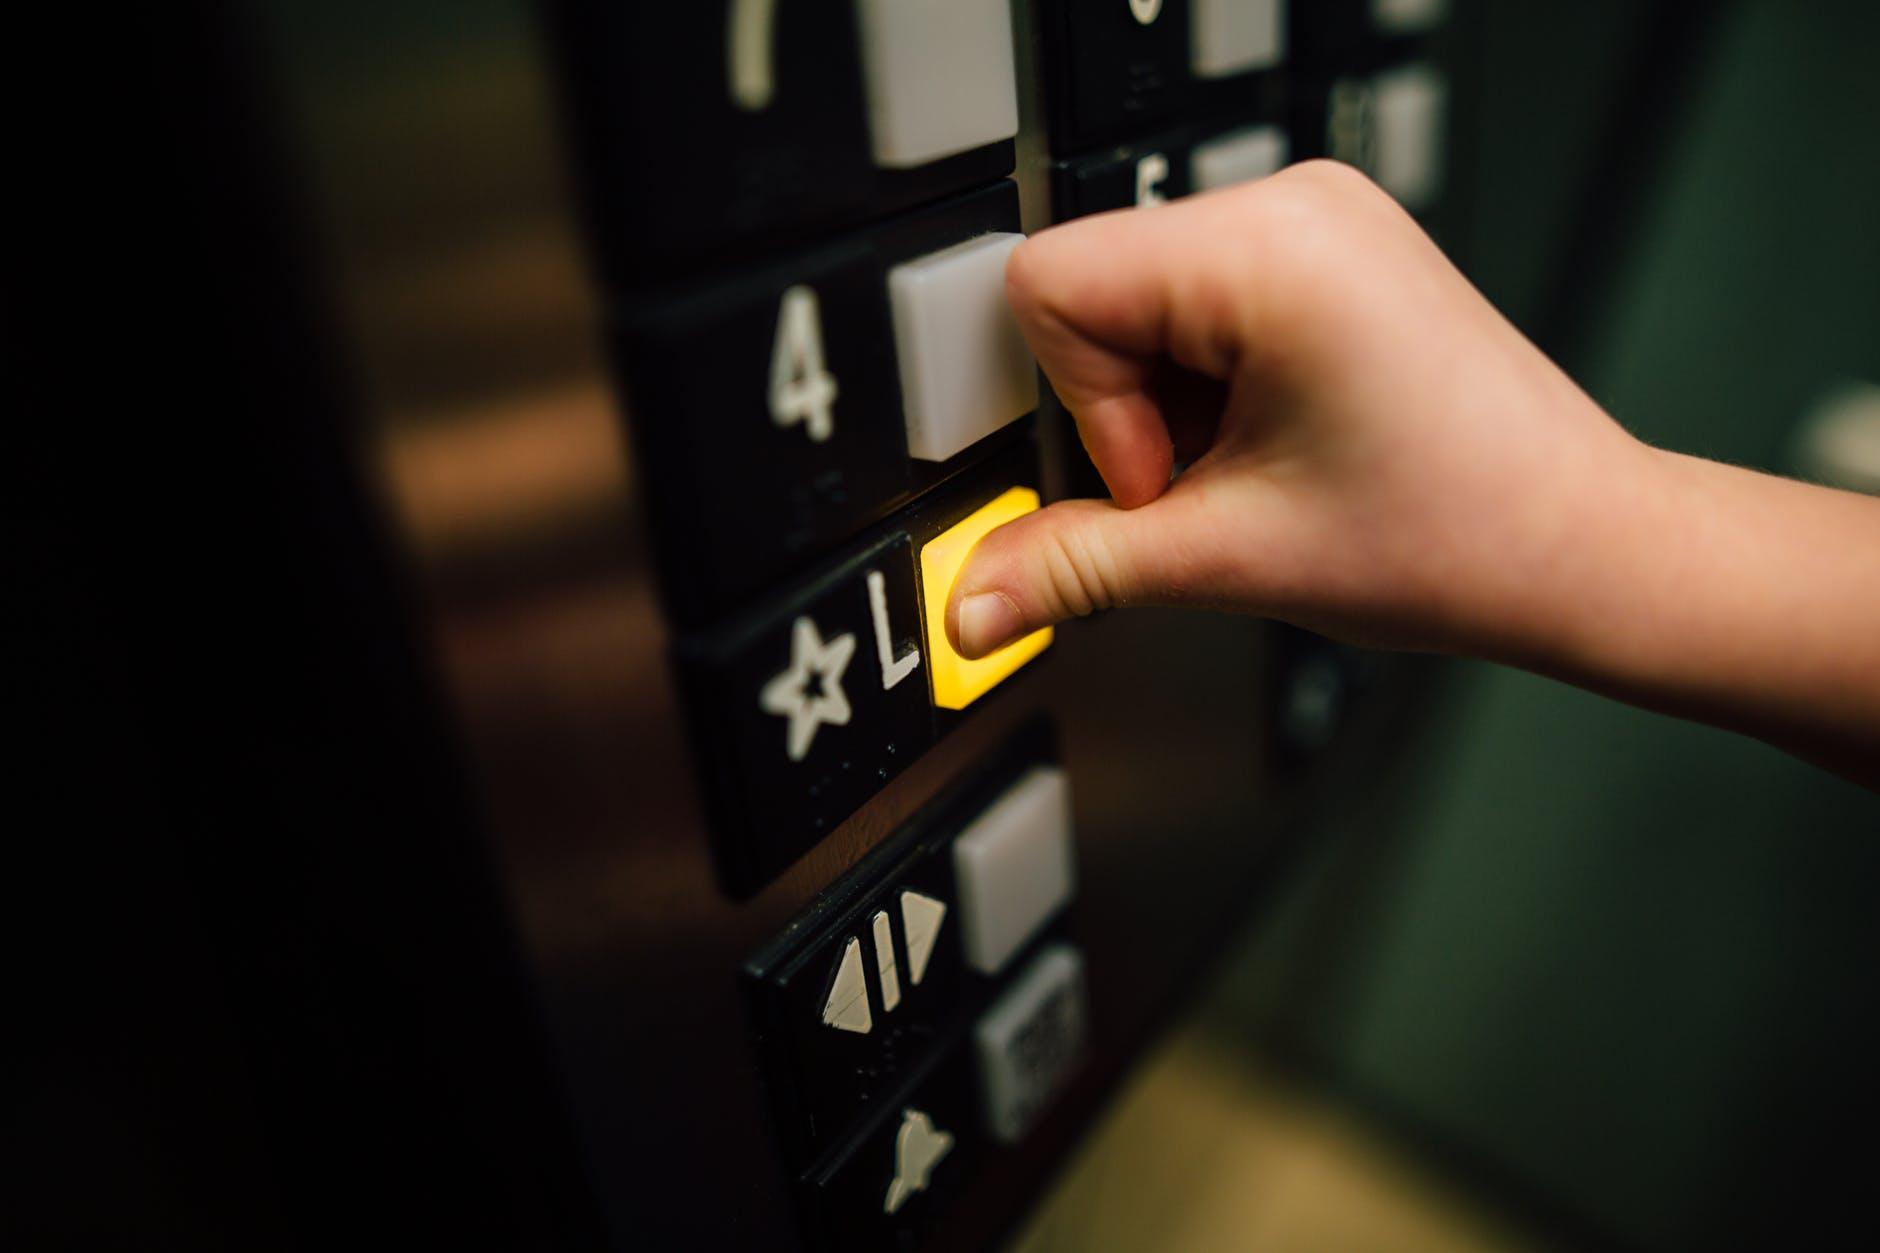 Firmojen hissipuheet jumissa samassa kaavassa – voiko tarinan kertoa toisin?